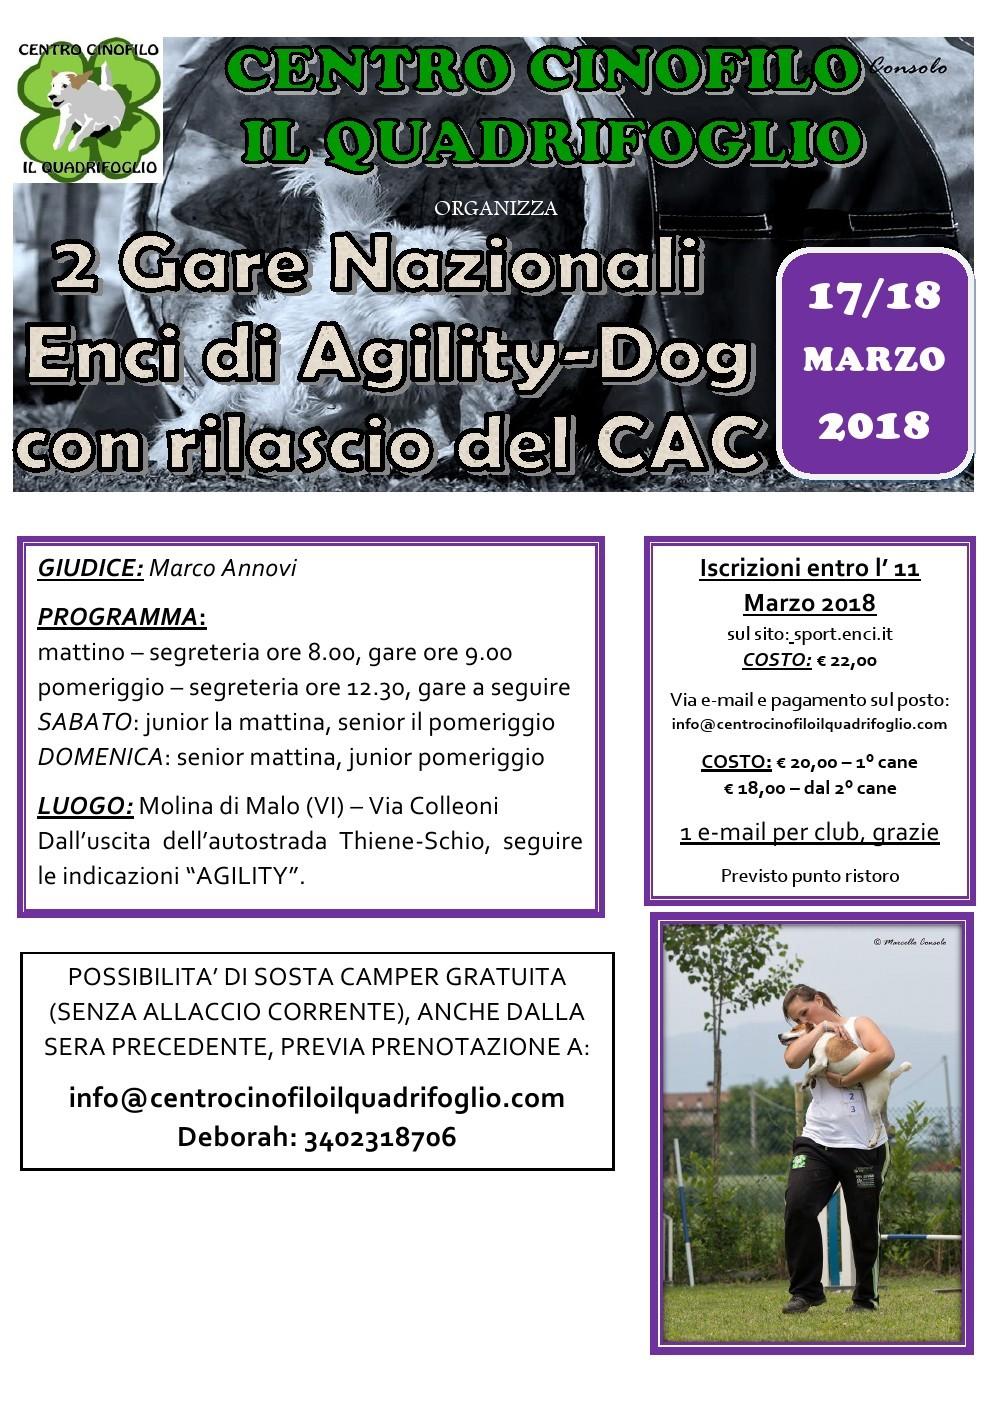 Gara Nazionale C.A.C. a Molina di Malo (VI) - 2 gare due giorni